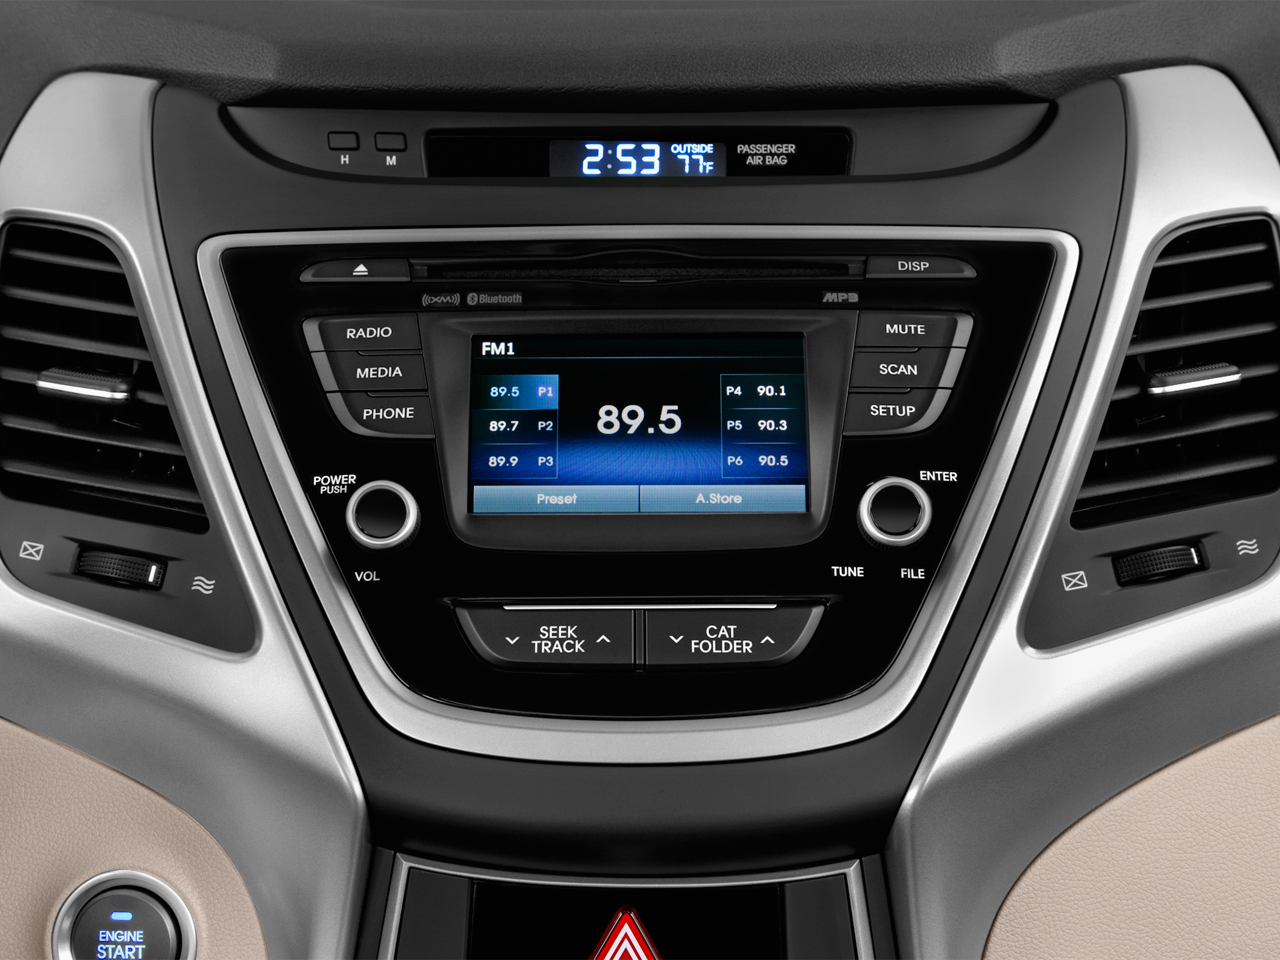 Các nhu cầu giải trí, xả strees sẽ trên Hyundai Elantra 2016 sẽ giúp thư thái nhất có thể